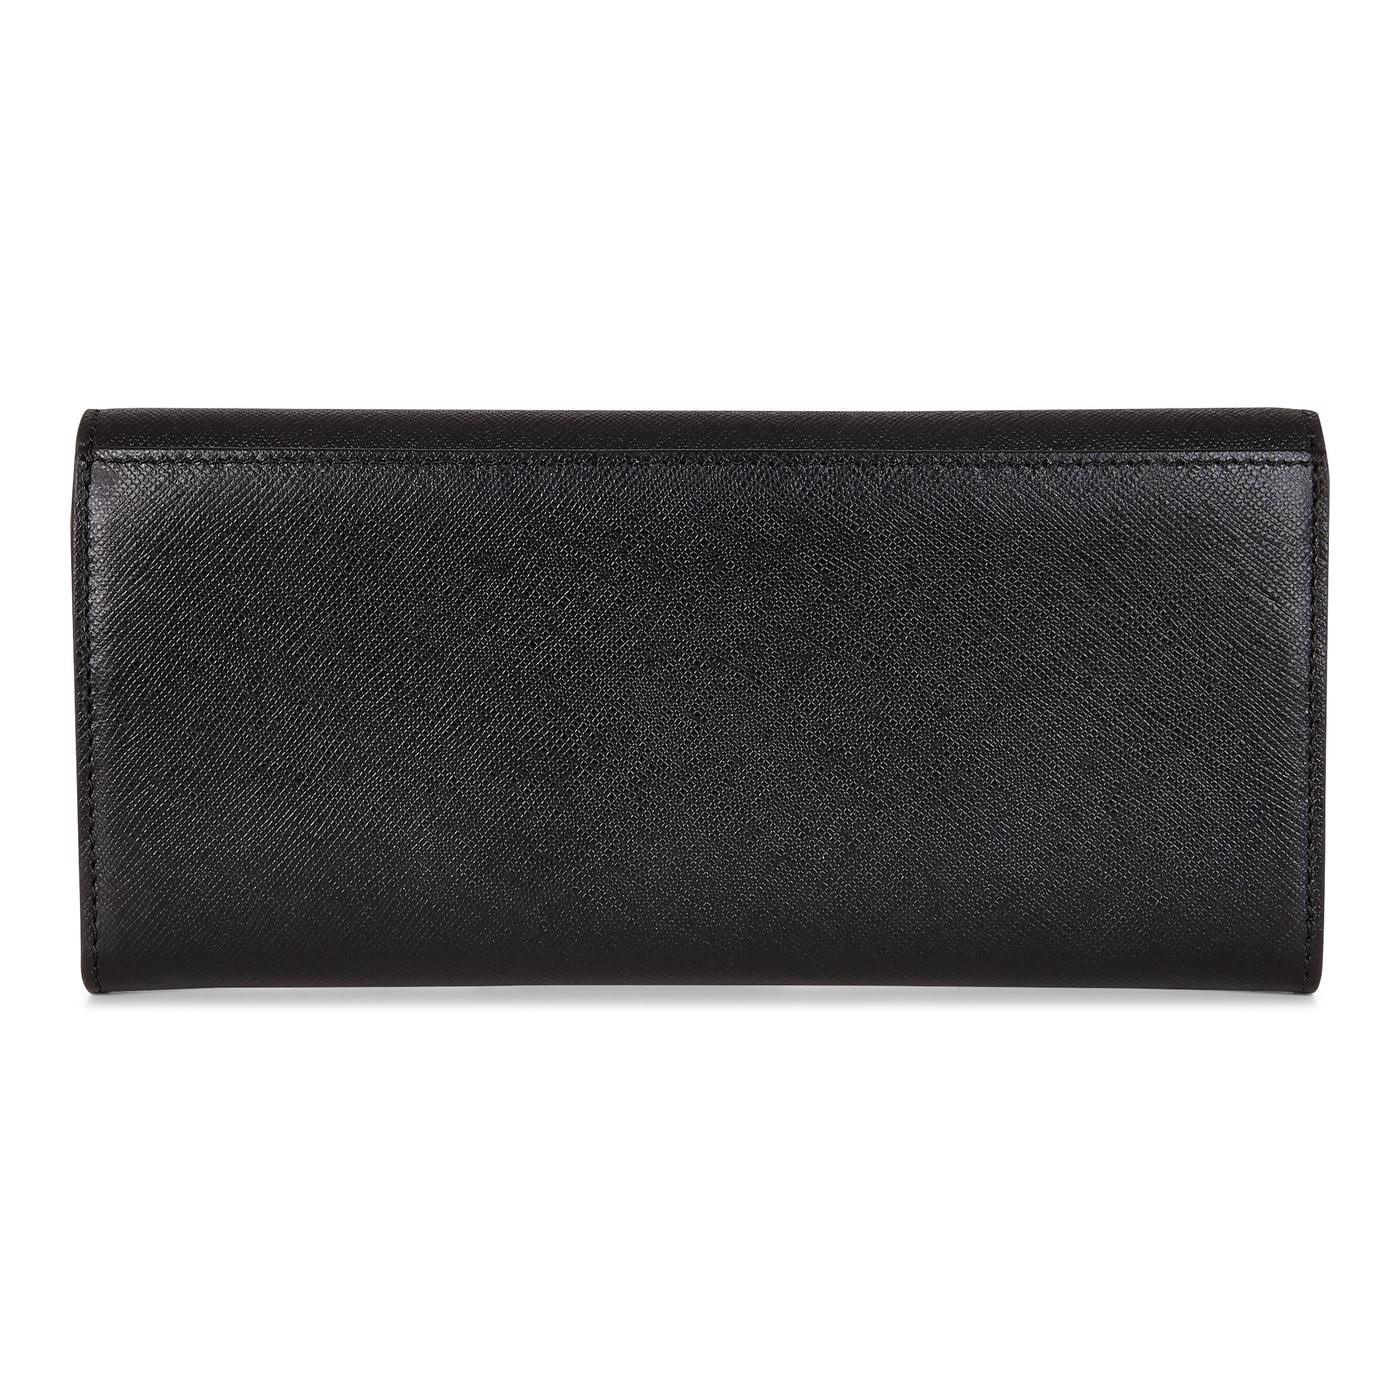 ECCO IOLA Continental Wallet